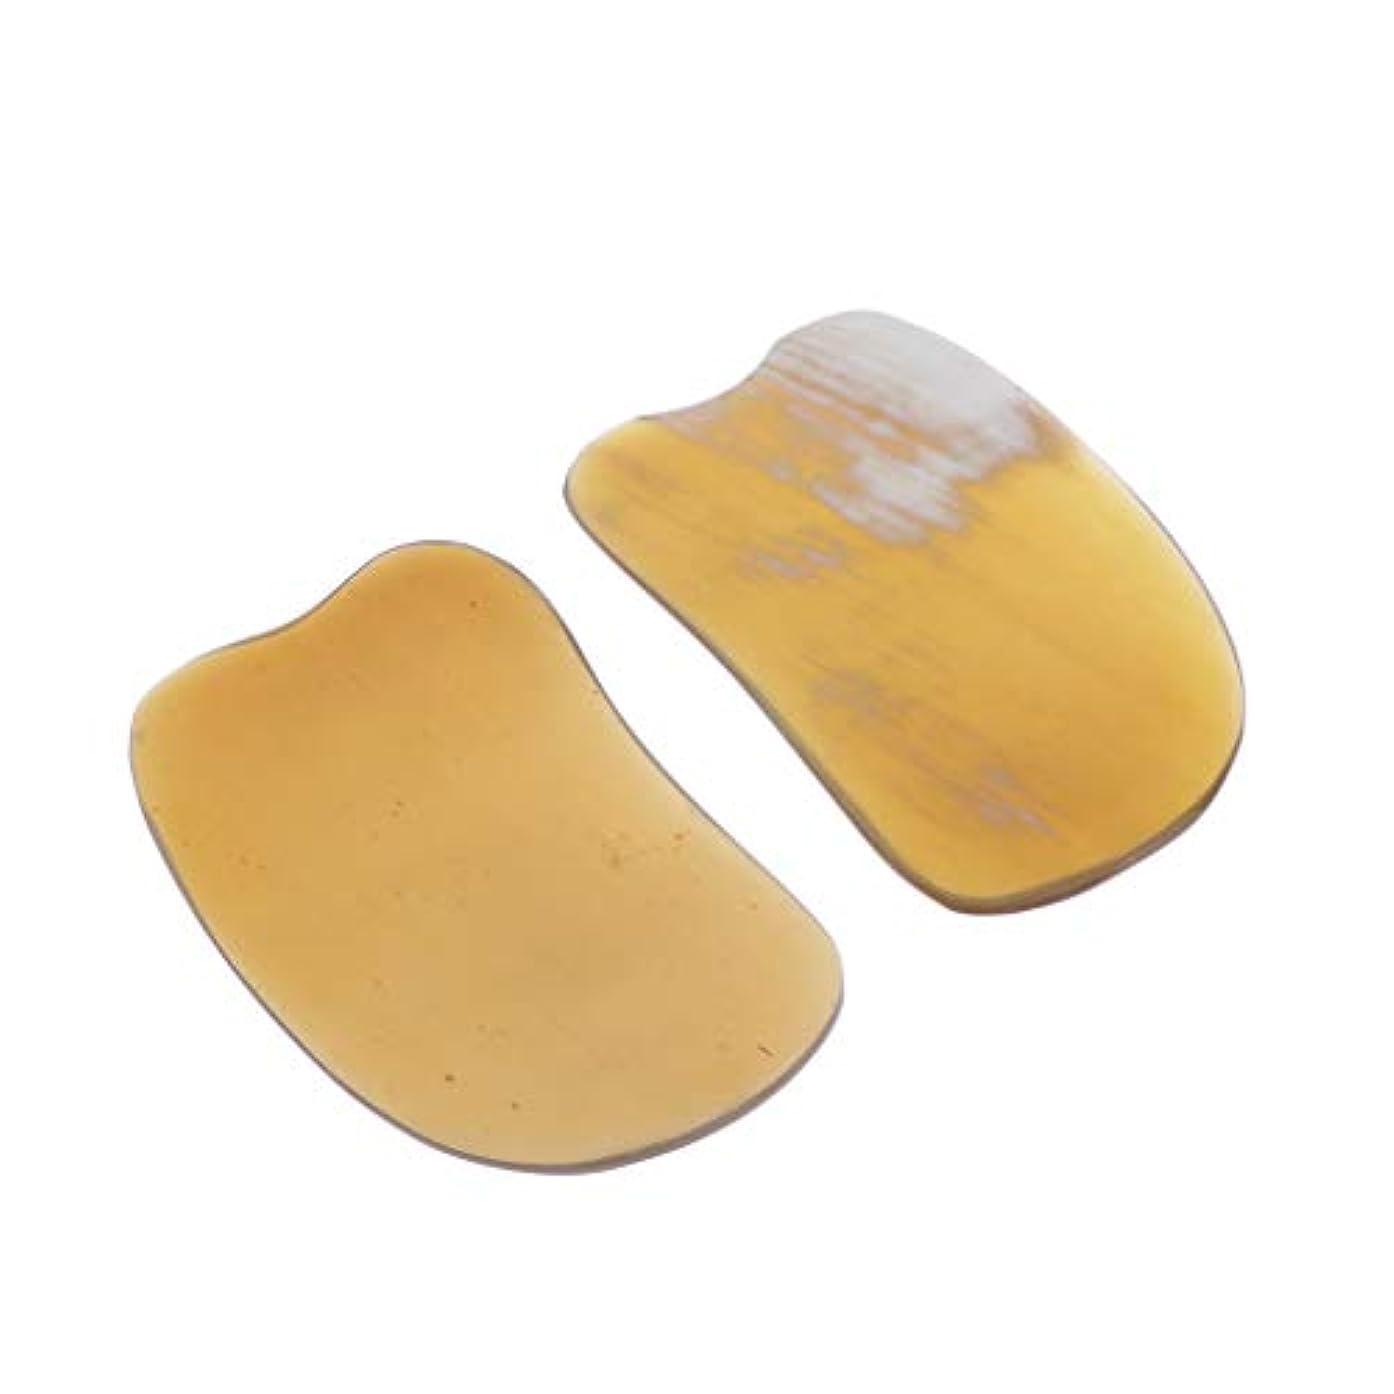 クロニクルひどい却下するナチュラル ボディフェイシャルグアシャ 削り盤ハンドヘルドスパ マッサージツール 全4サイズ - 02